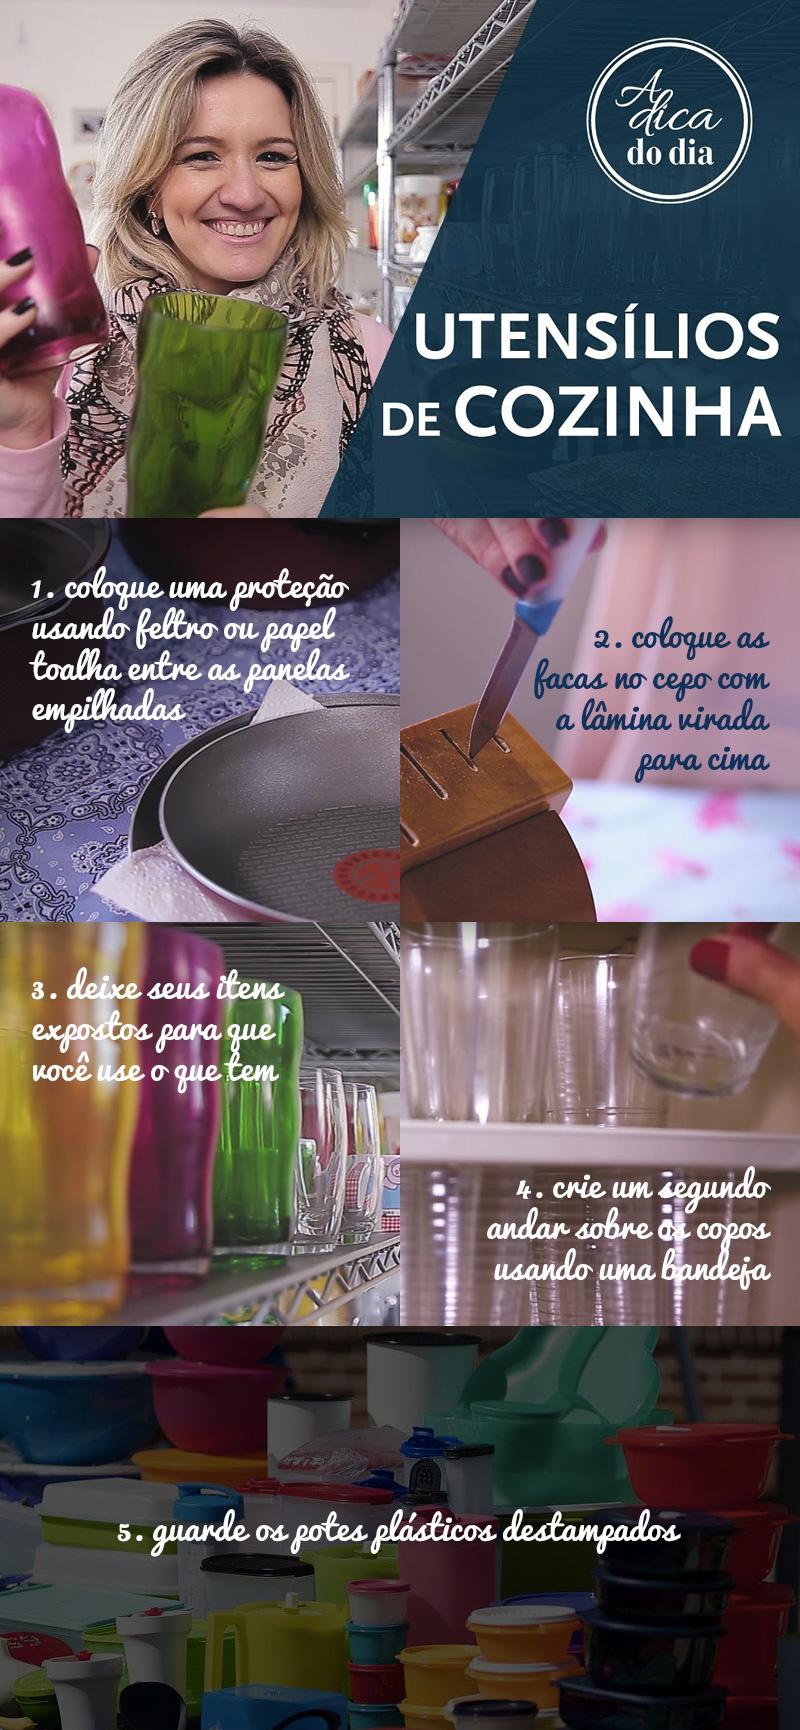 Dicas para cuidar dos seus utensílios e itens de cozinha